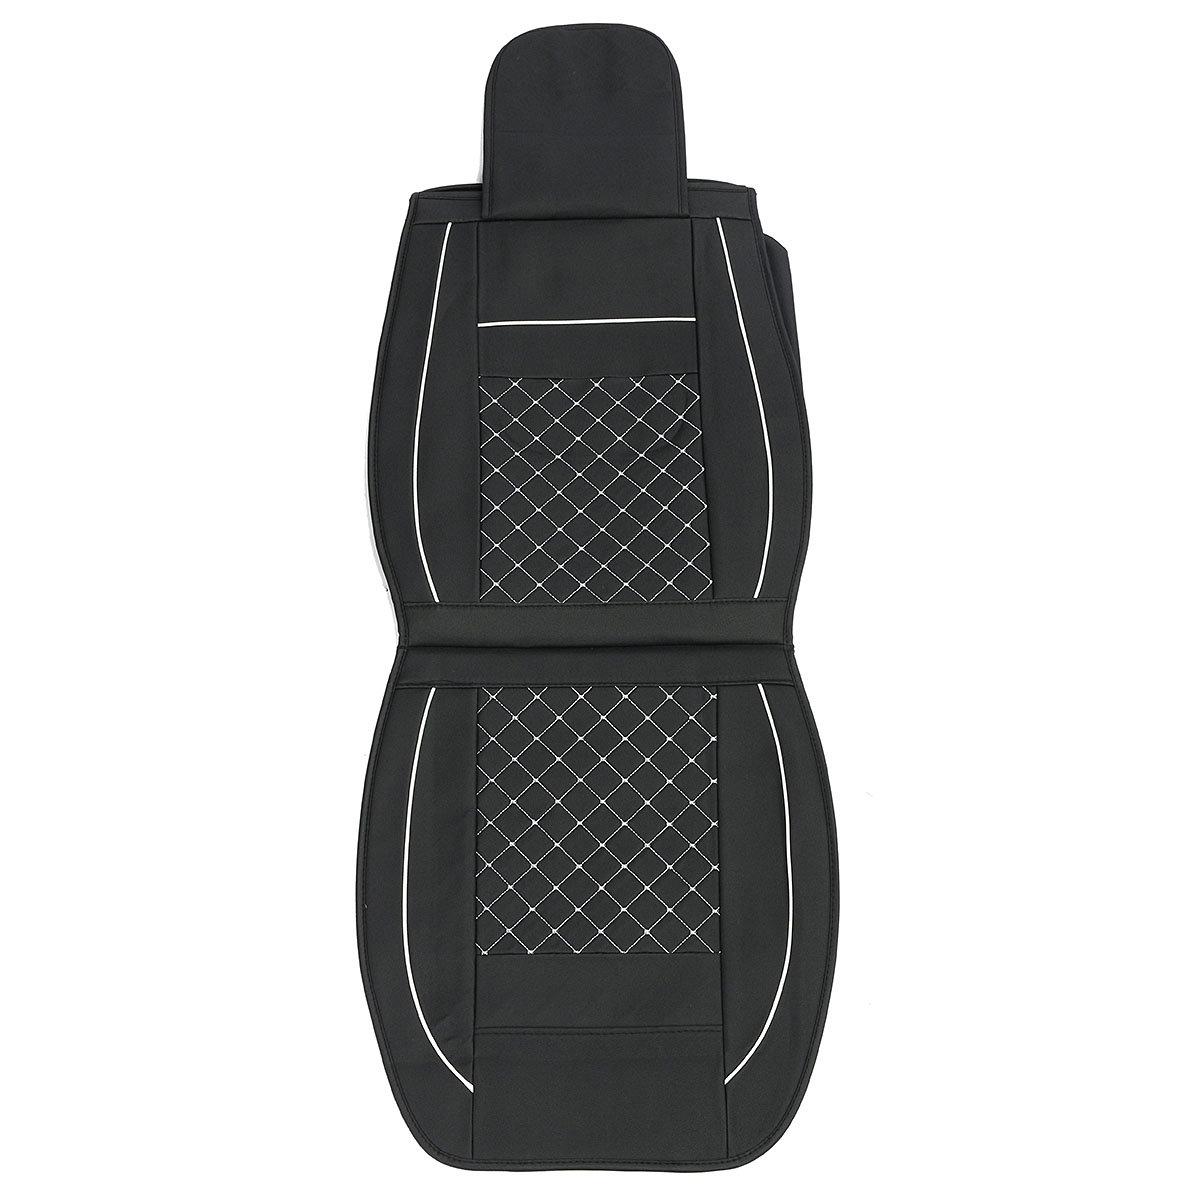 مجموعة واقي غطاء وسادة مقعد السيارة من الجلد الصناعي مكون من 7 قطع لـ 5 مقاعد سيارات أسود أبيض عالمي